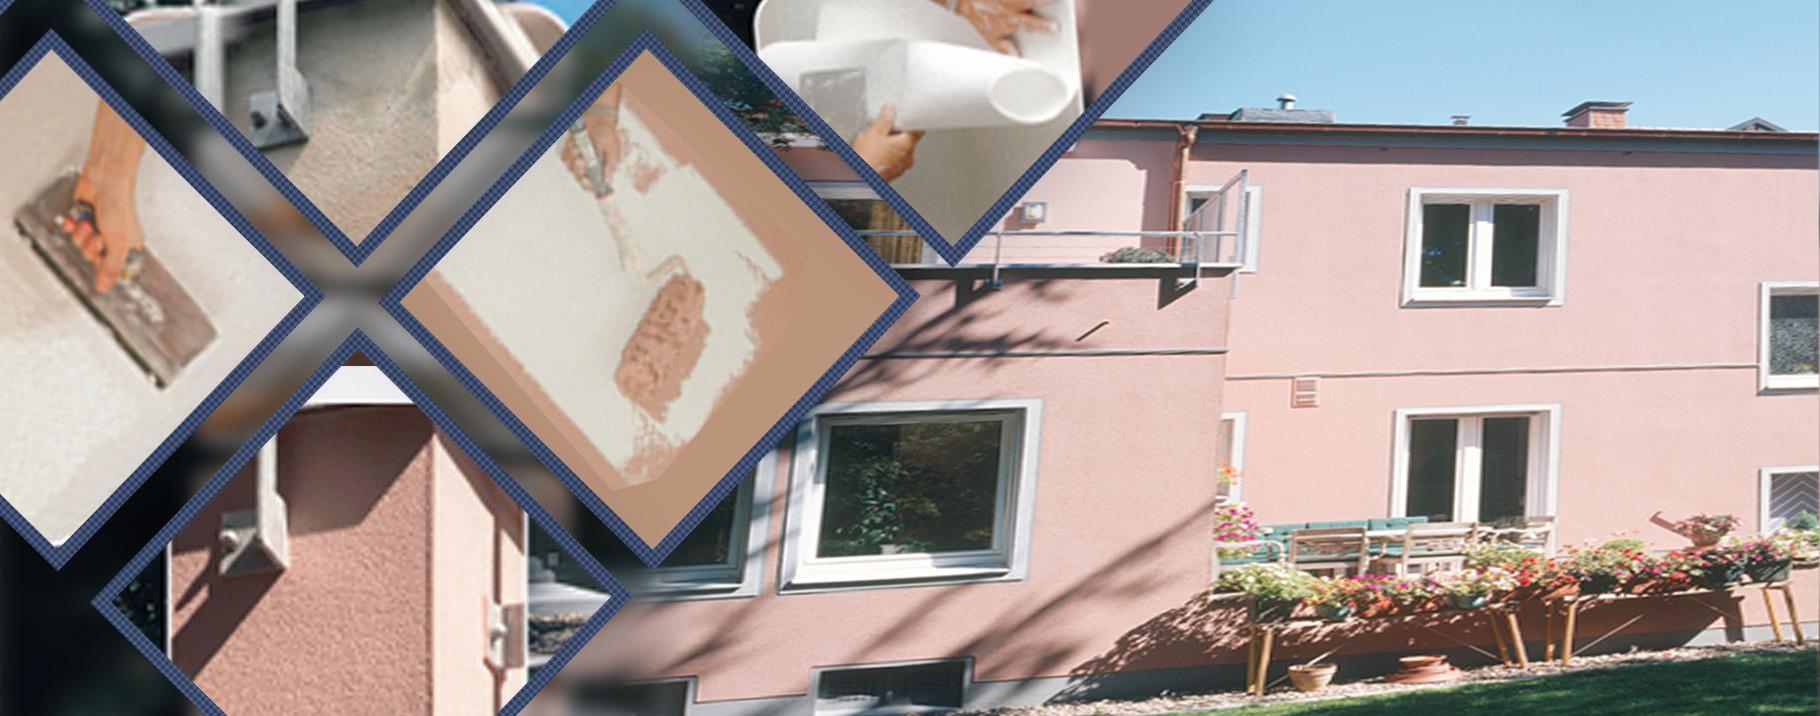 Cobertura exterior de Erfurt para prevenção de crack. Aplicação fácil e rápida